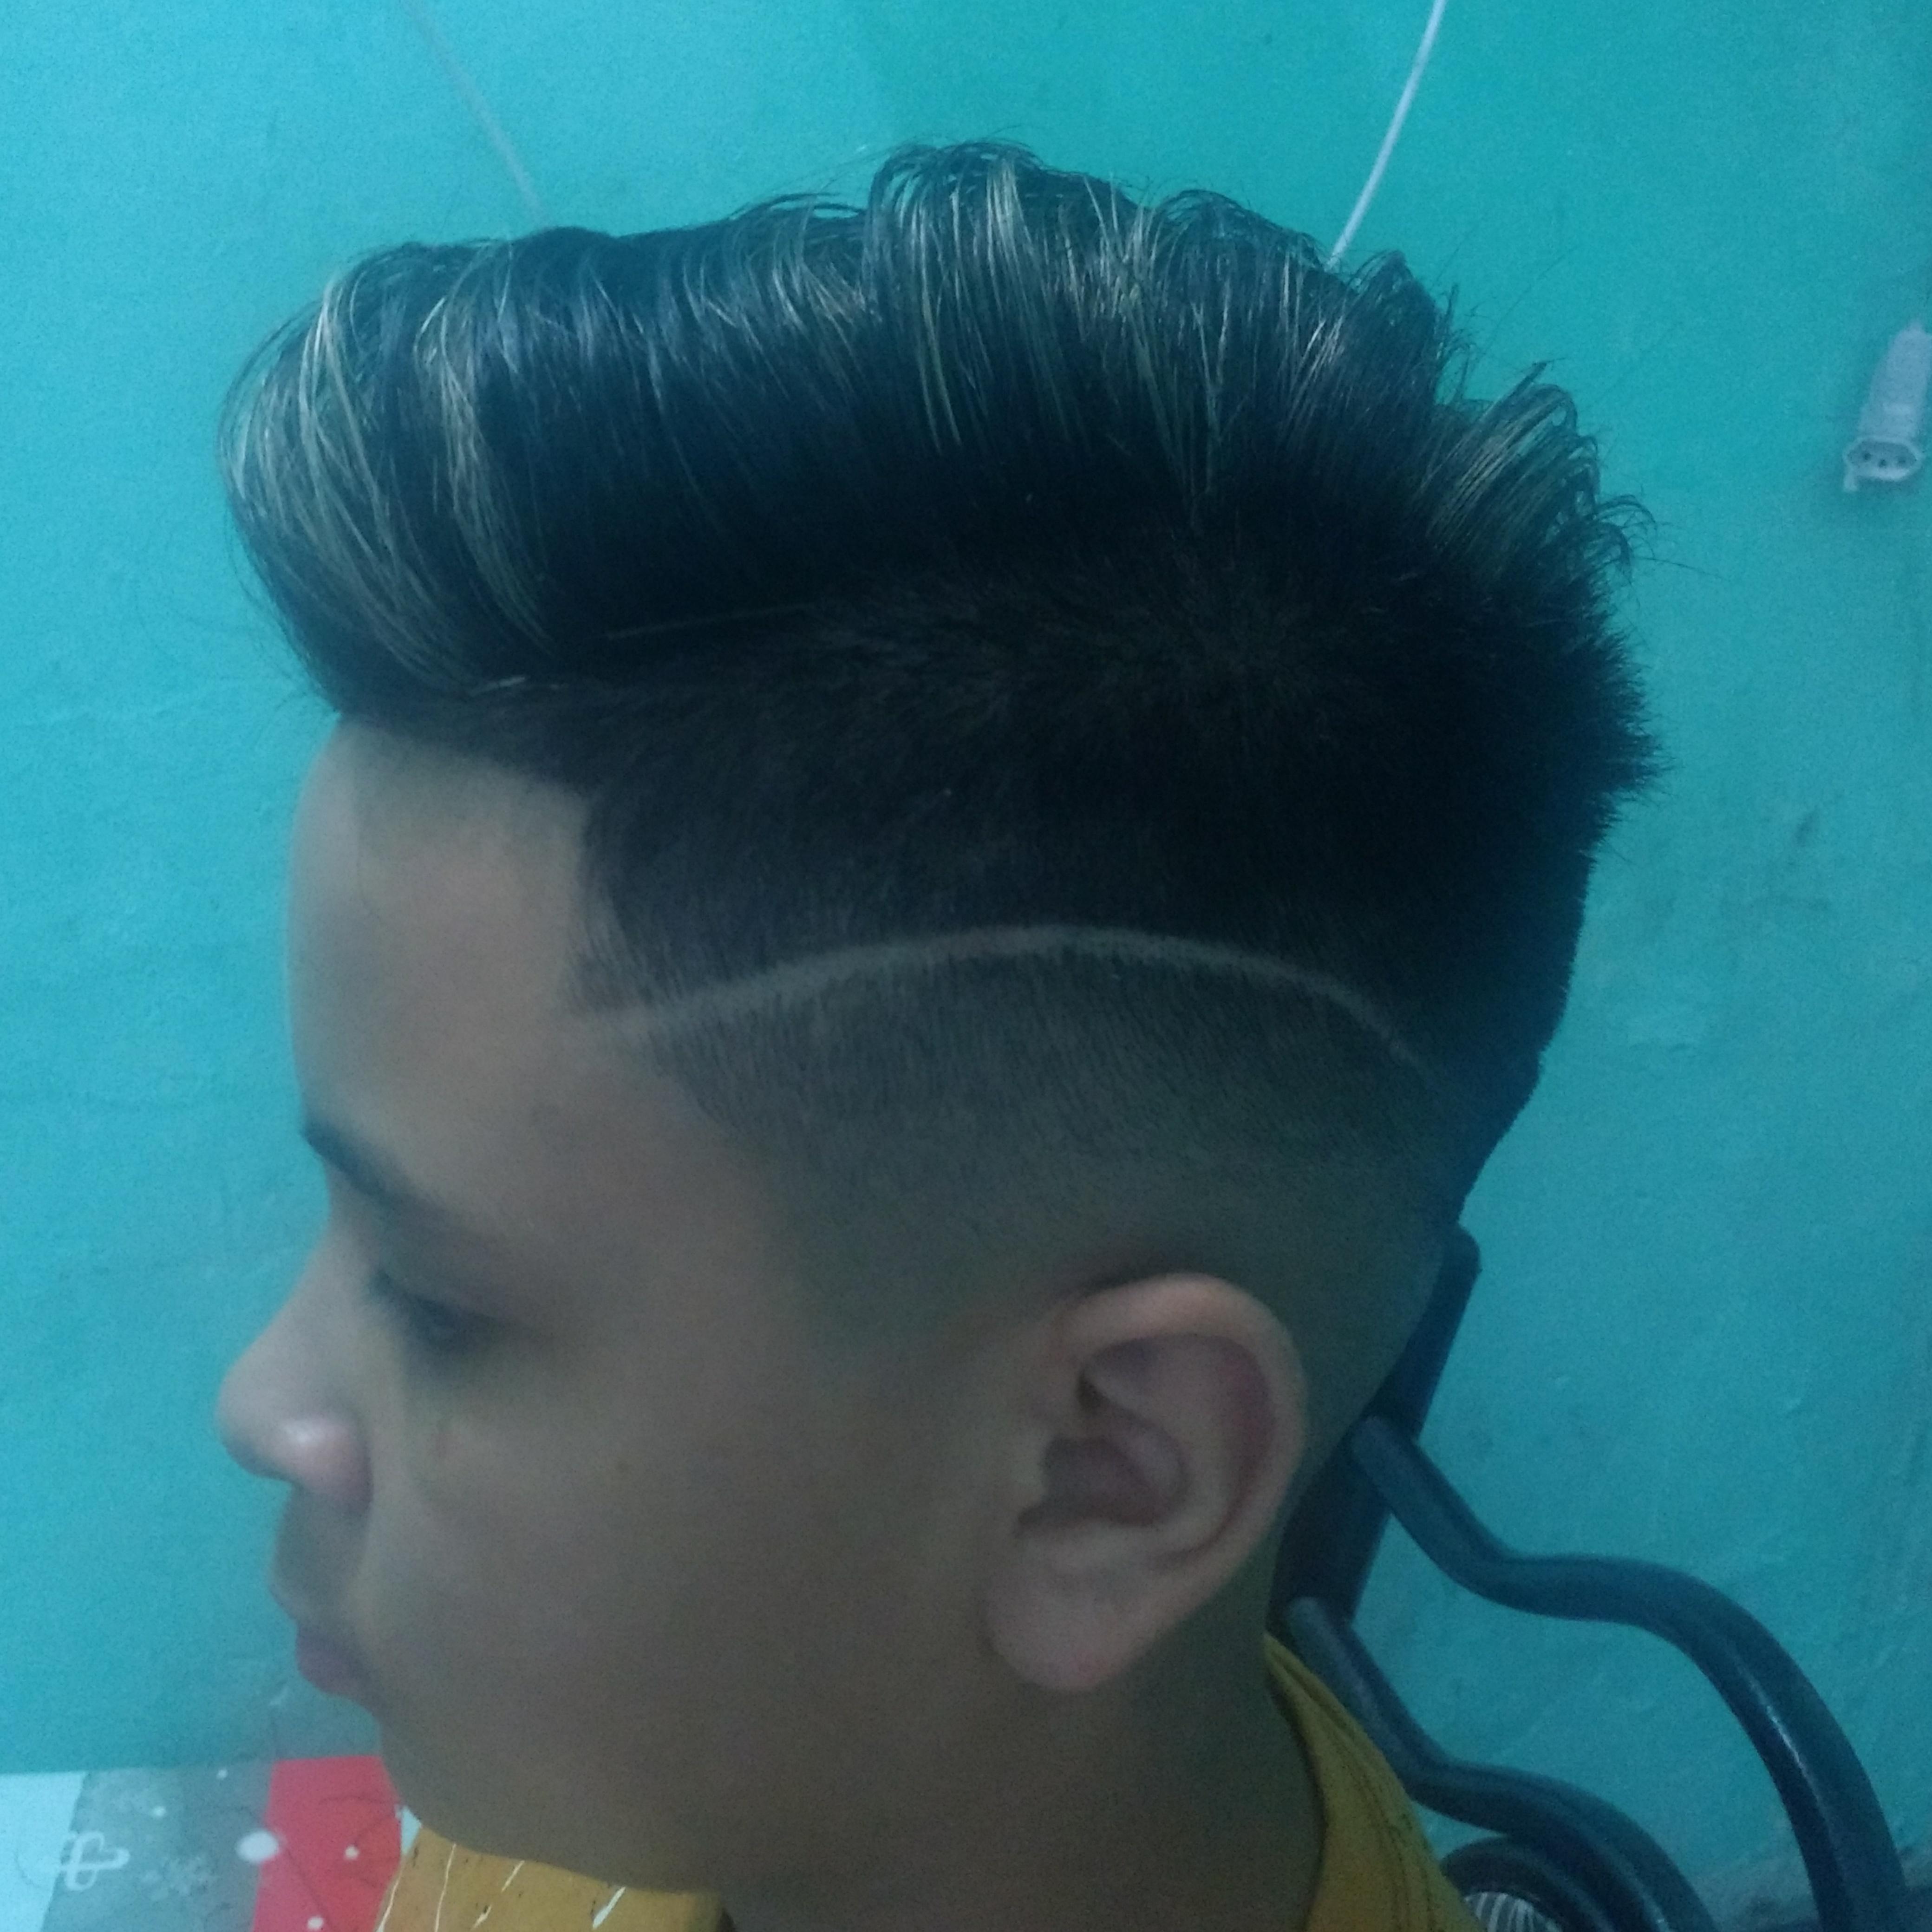 Corte degradê navalhado mais replexo cabelo barbeiro(a)